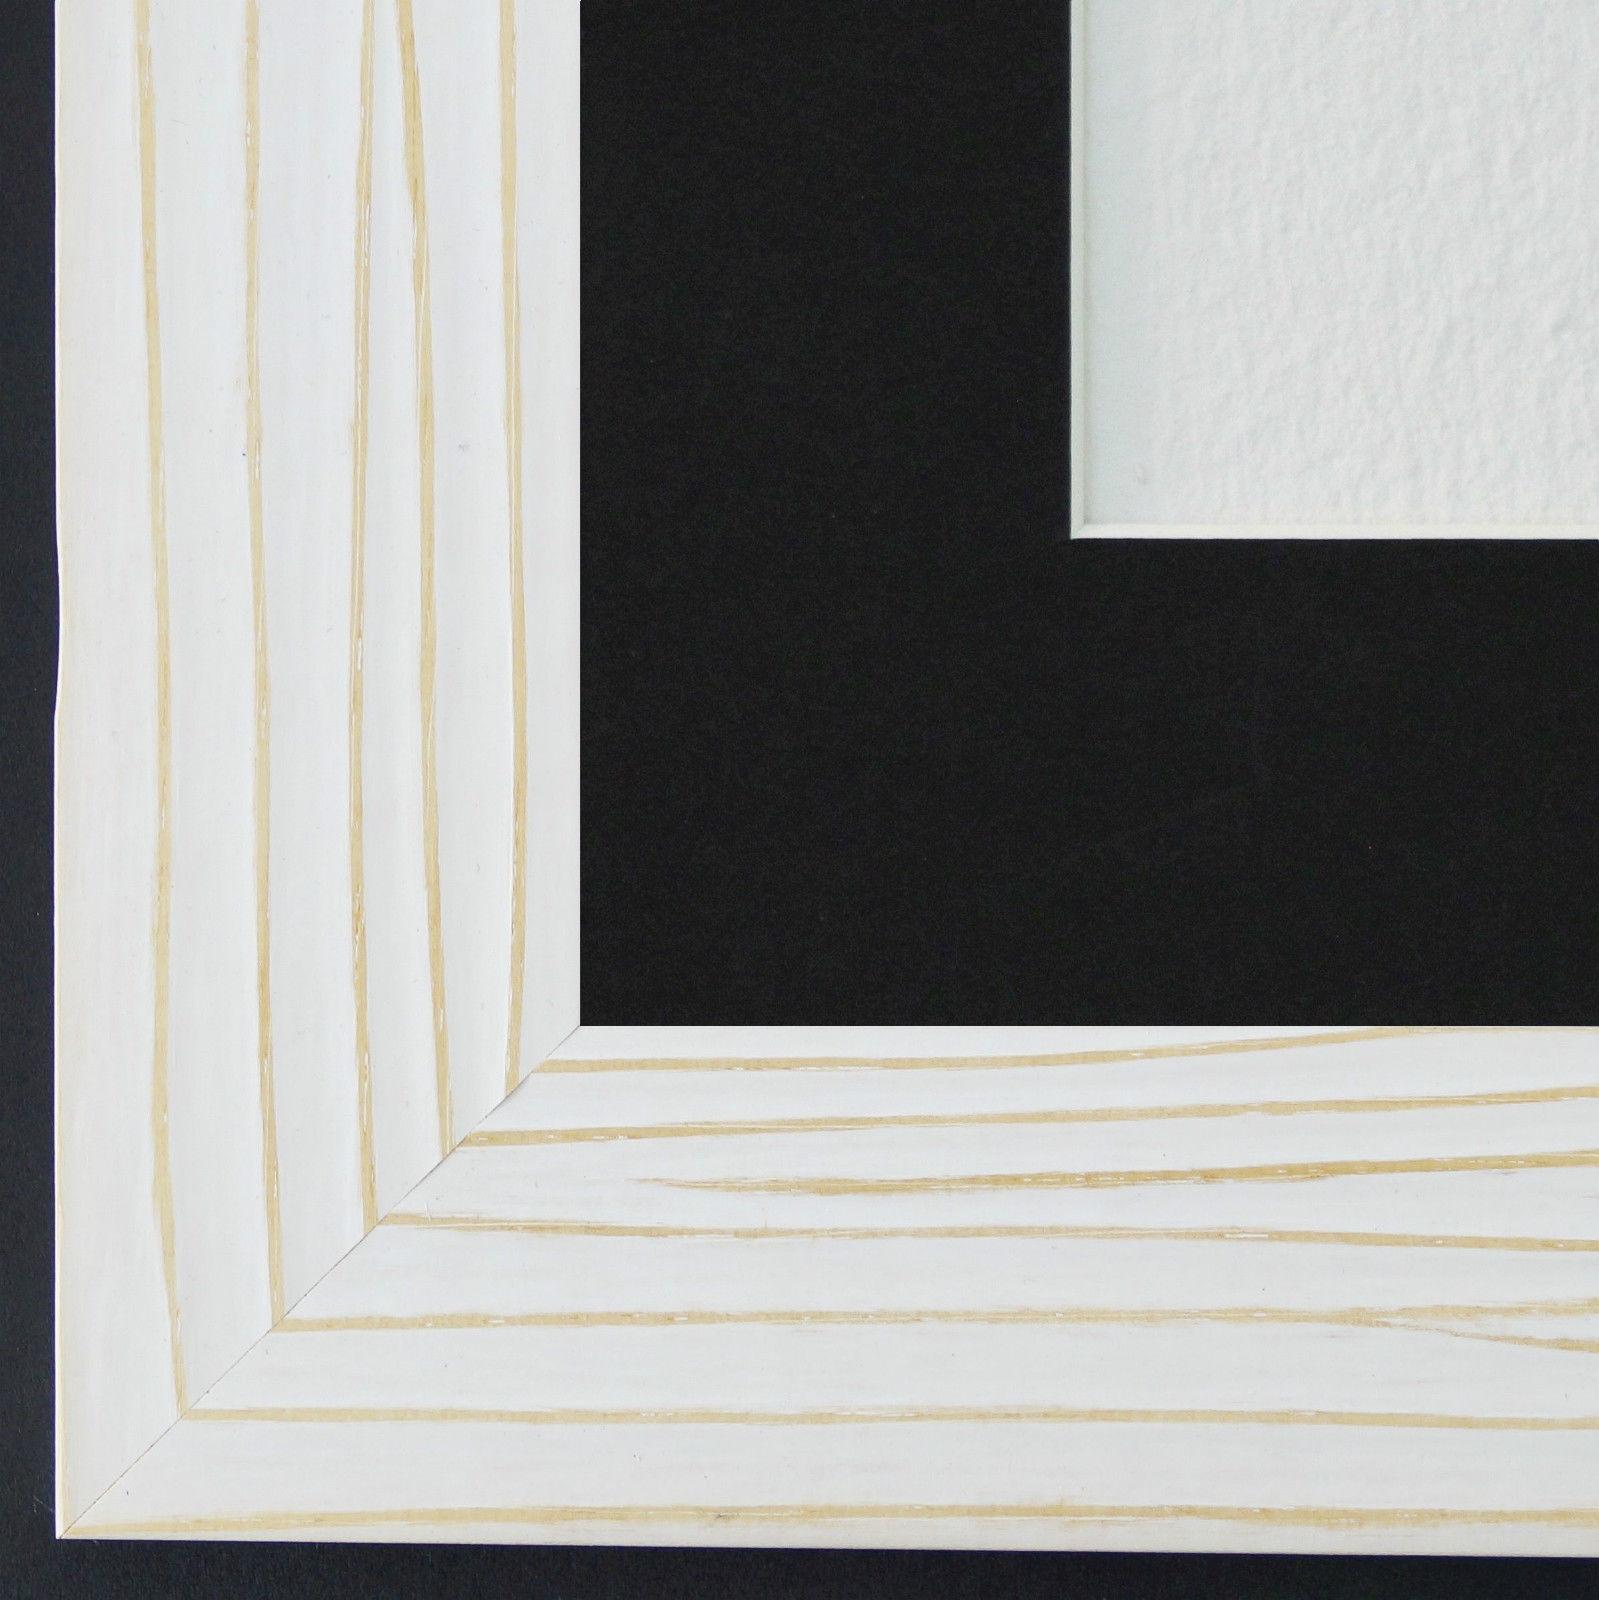 Atemberaubend 12x12 Bilderrahmen Ideen - Benutzerdefinierte ...